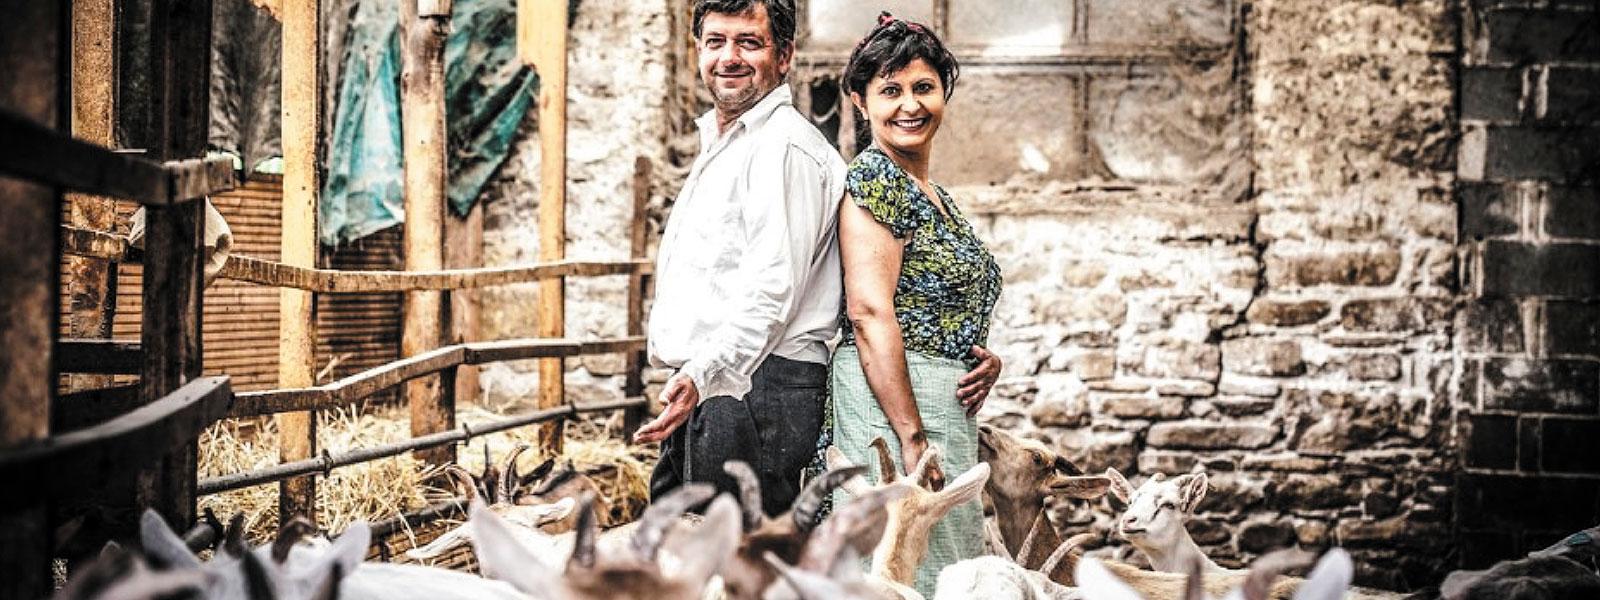 Familie Cora auf ihrem Bauernhof im Piemont